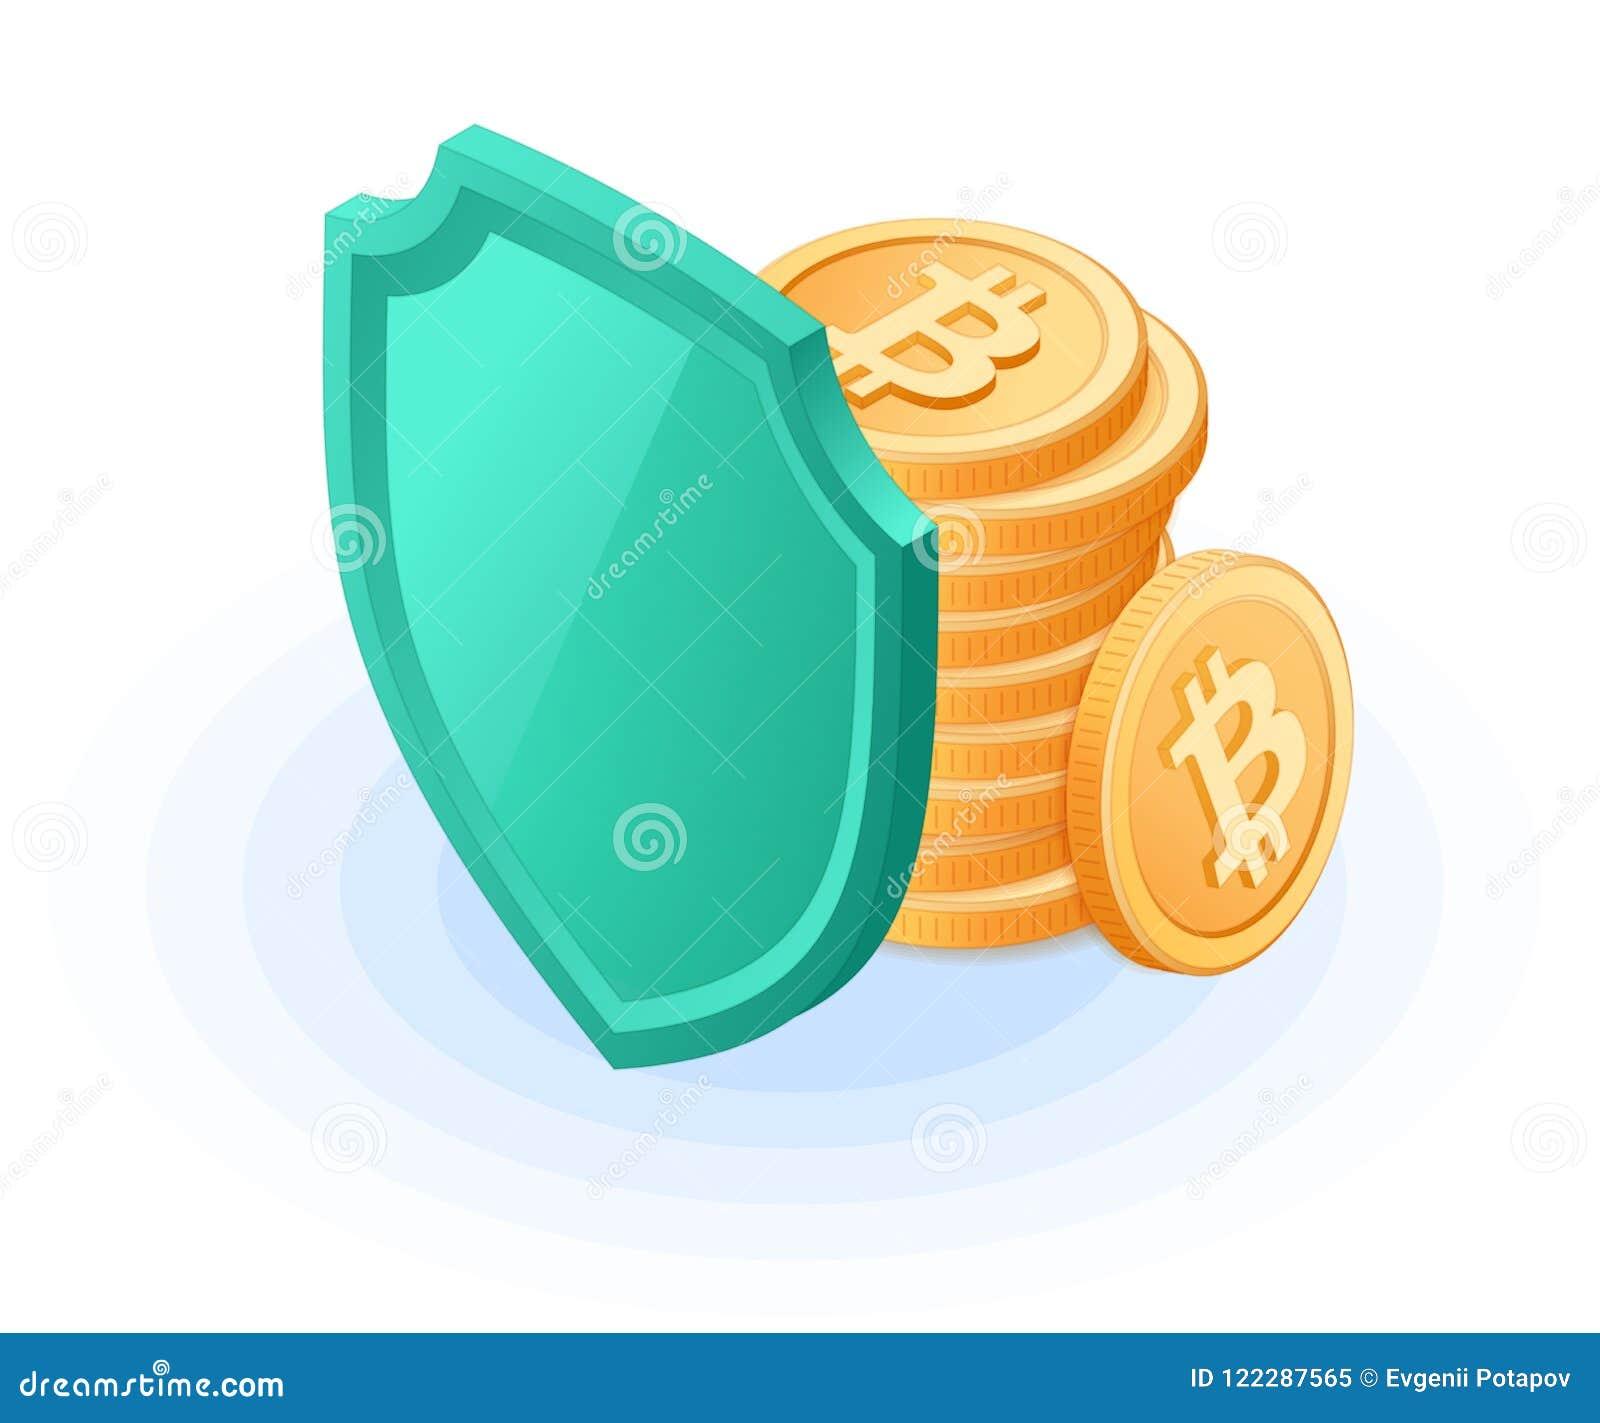 Der Stapel von bitcoins versteckt sich hinter einem Schild